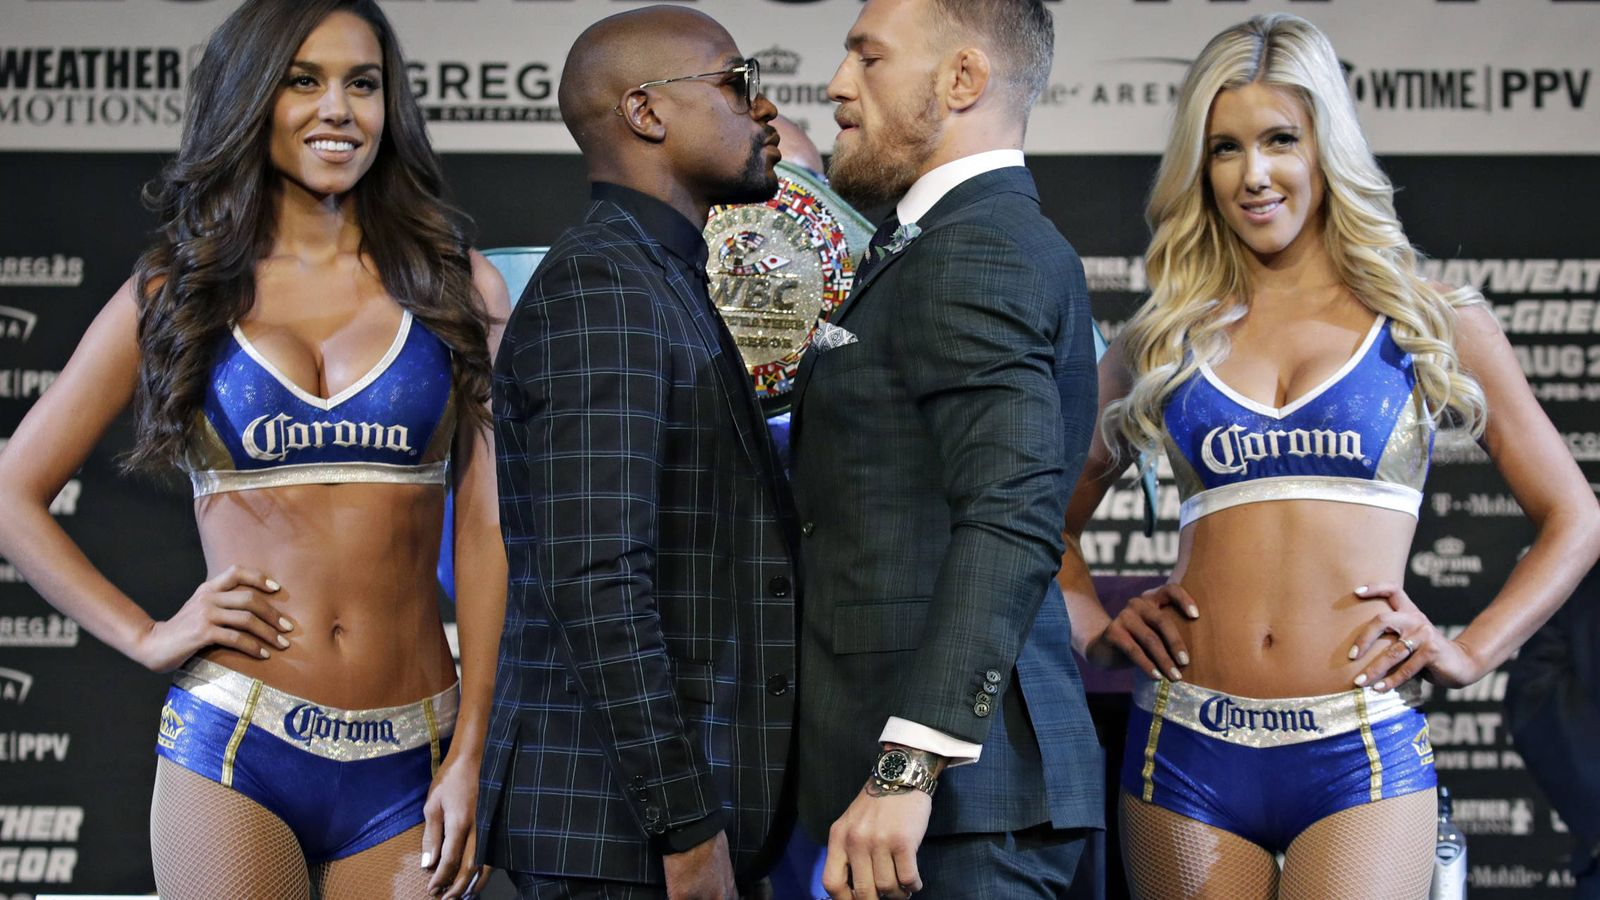 Foto: Una vida de lujo y excentricidades, así es el duelo de estilo que también disputan los boxeadores. (Foto: Gtres)